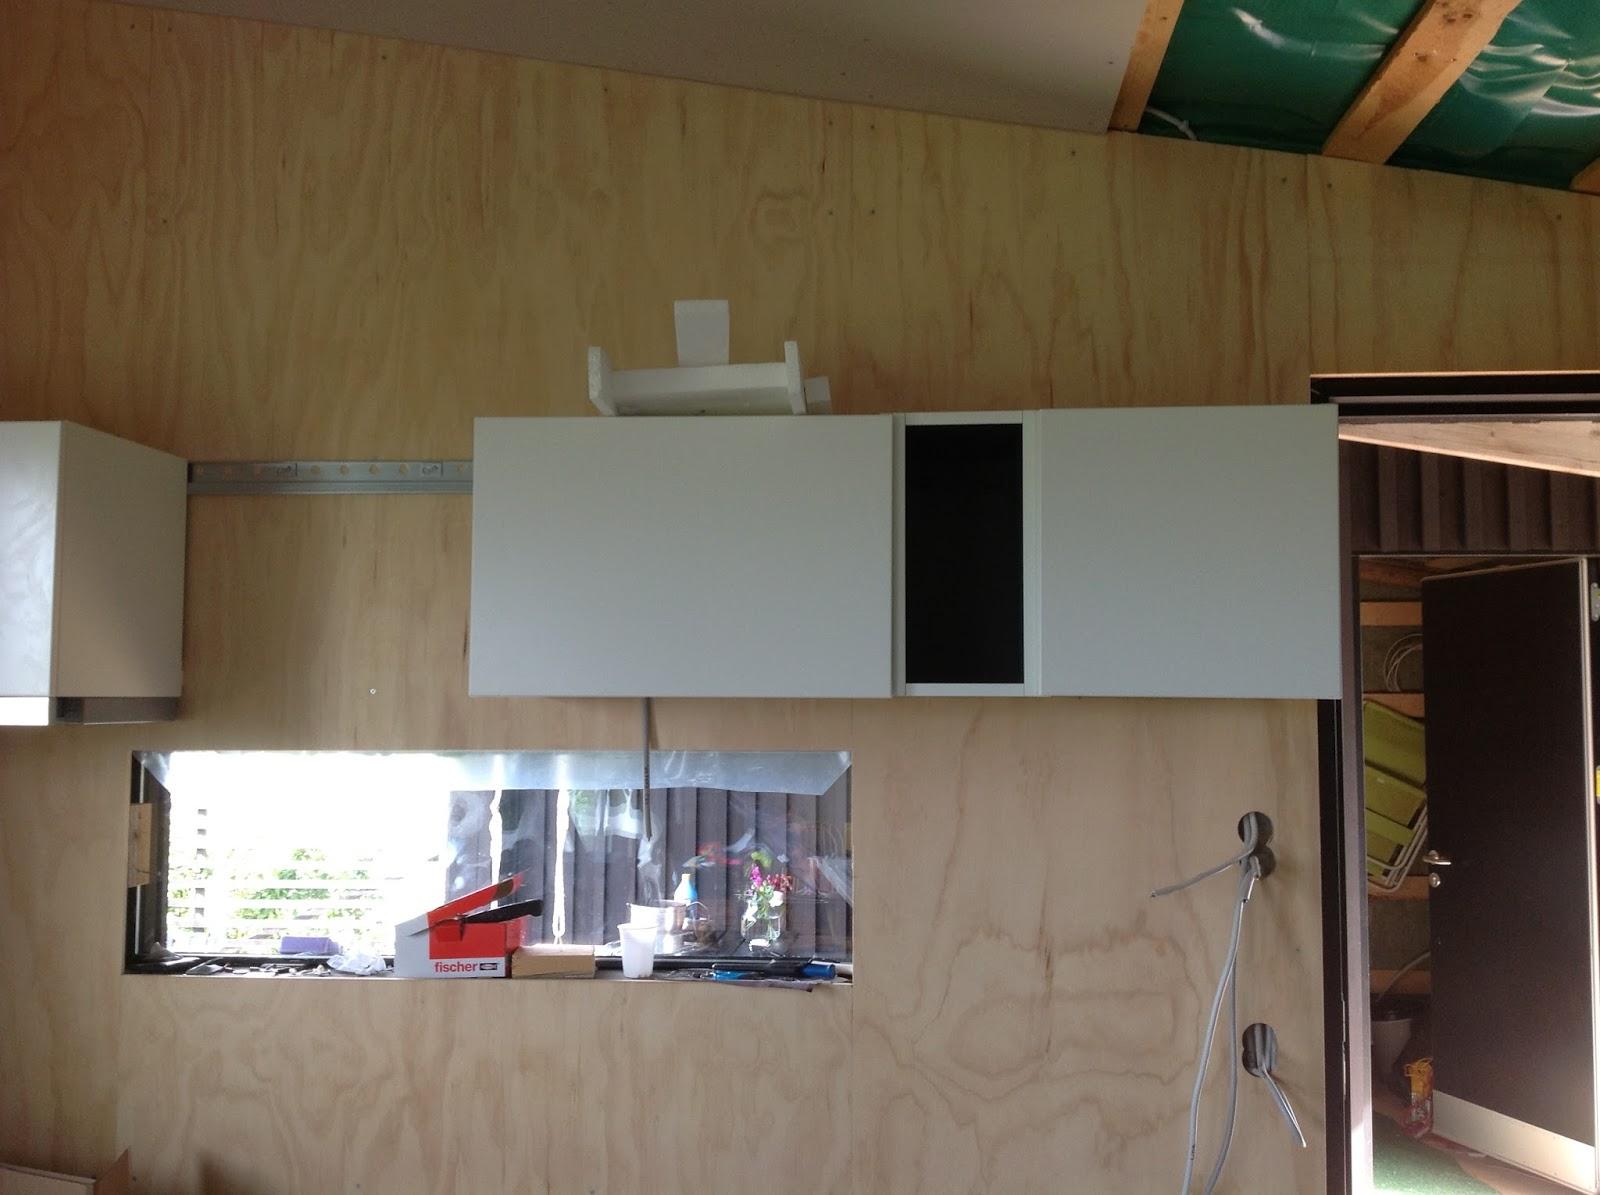 Ikea Kjokken Foring Mot Tak # Fmlex com> Beste design inspirasjon for hjemmerom arrangement